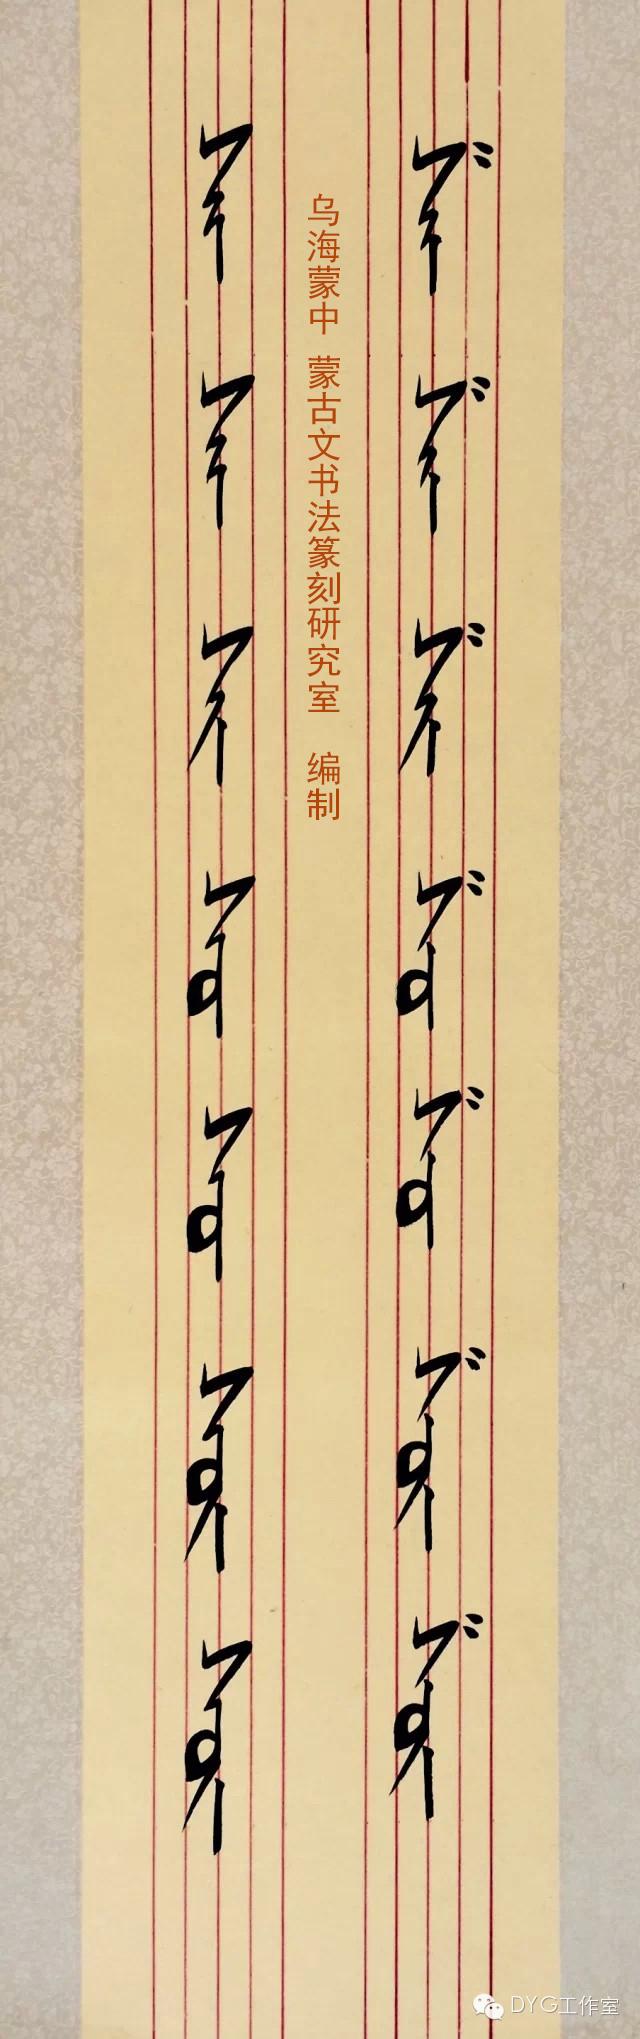 蒙古文书法教材 第5张